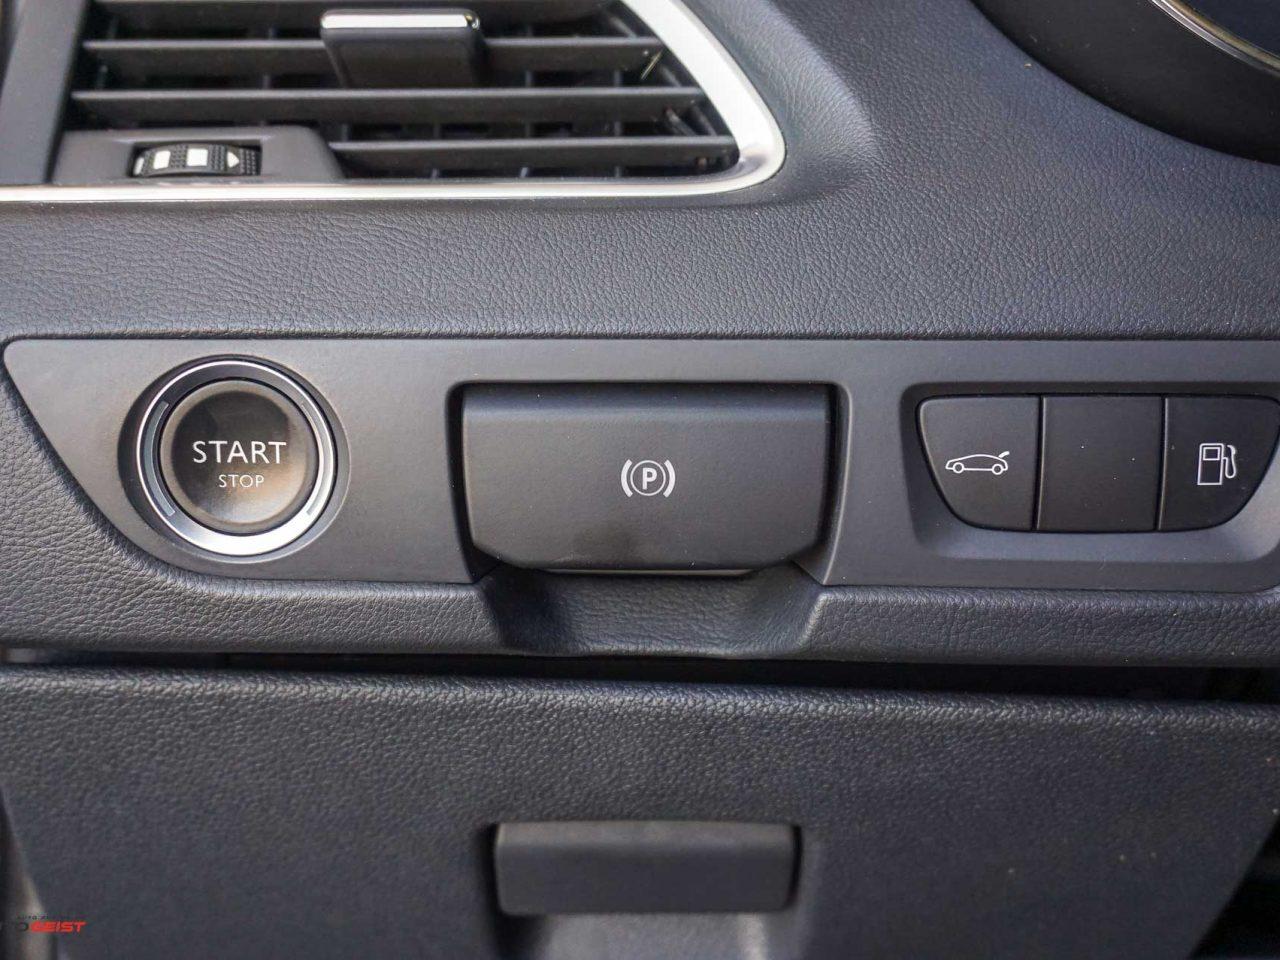 585-peugeot-508-sedan-negru-01737